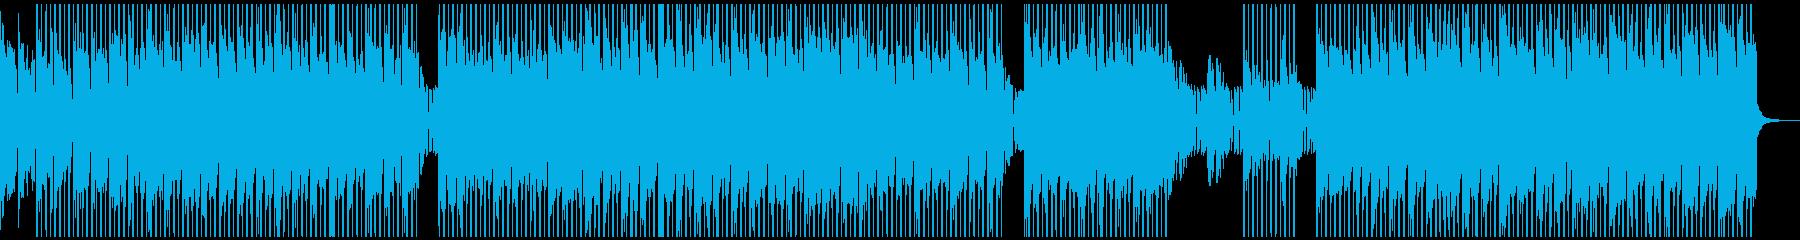 クールな雰囲気のテクノポップの再生済みの波形